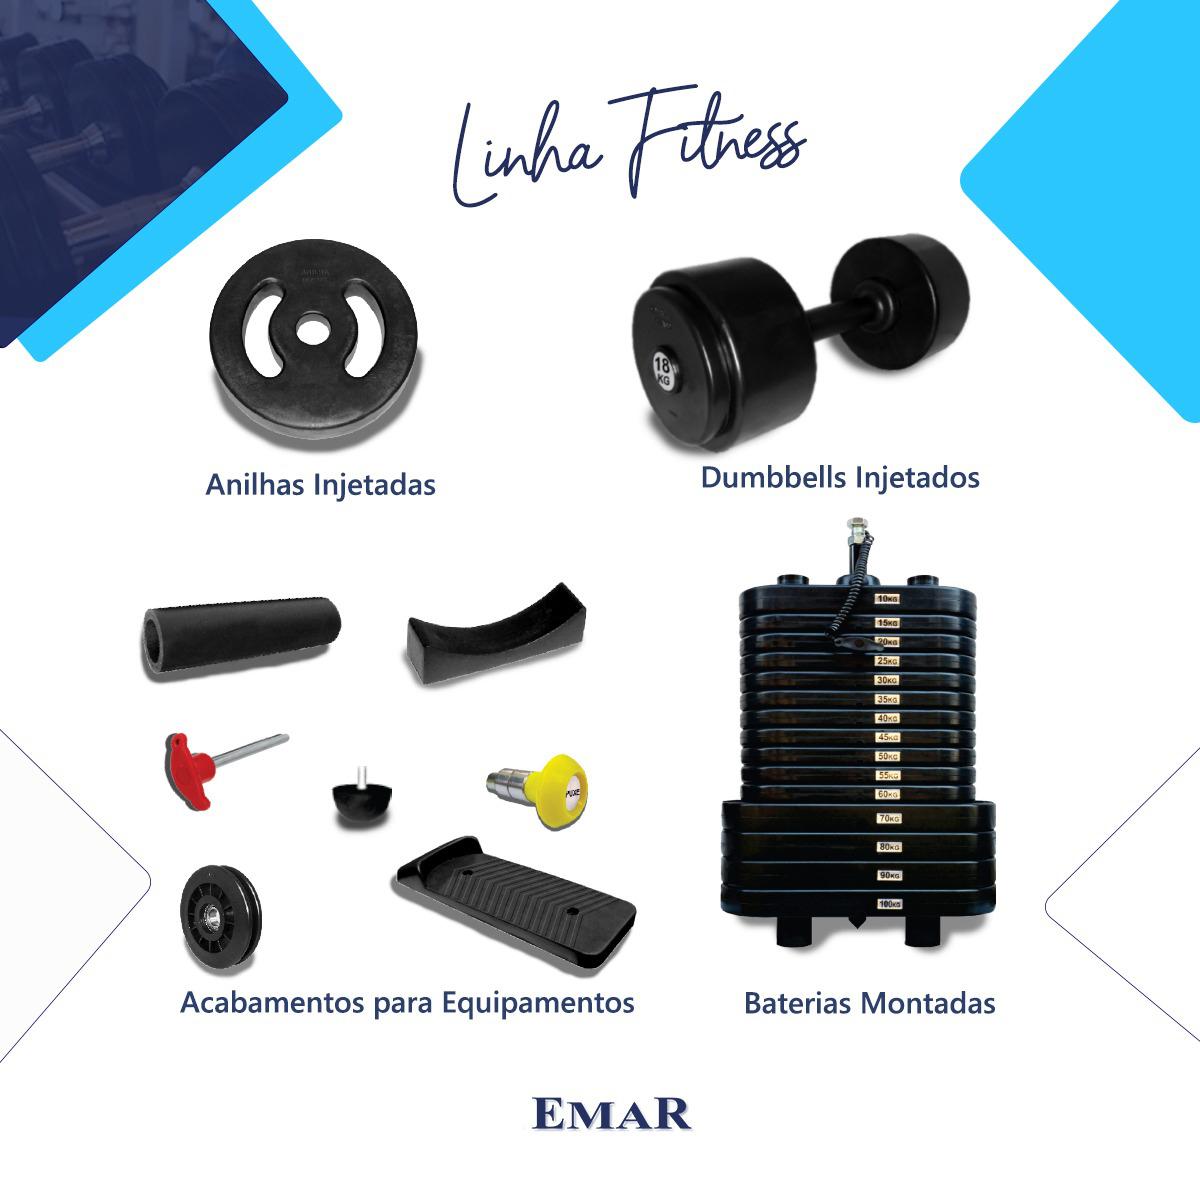 """Kit com 2 Anilhas Injetadas de 1 kg cada - Furo Standard 1.1/8"""" Revestidas com Grossa Camada de PVC"""